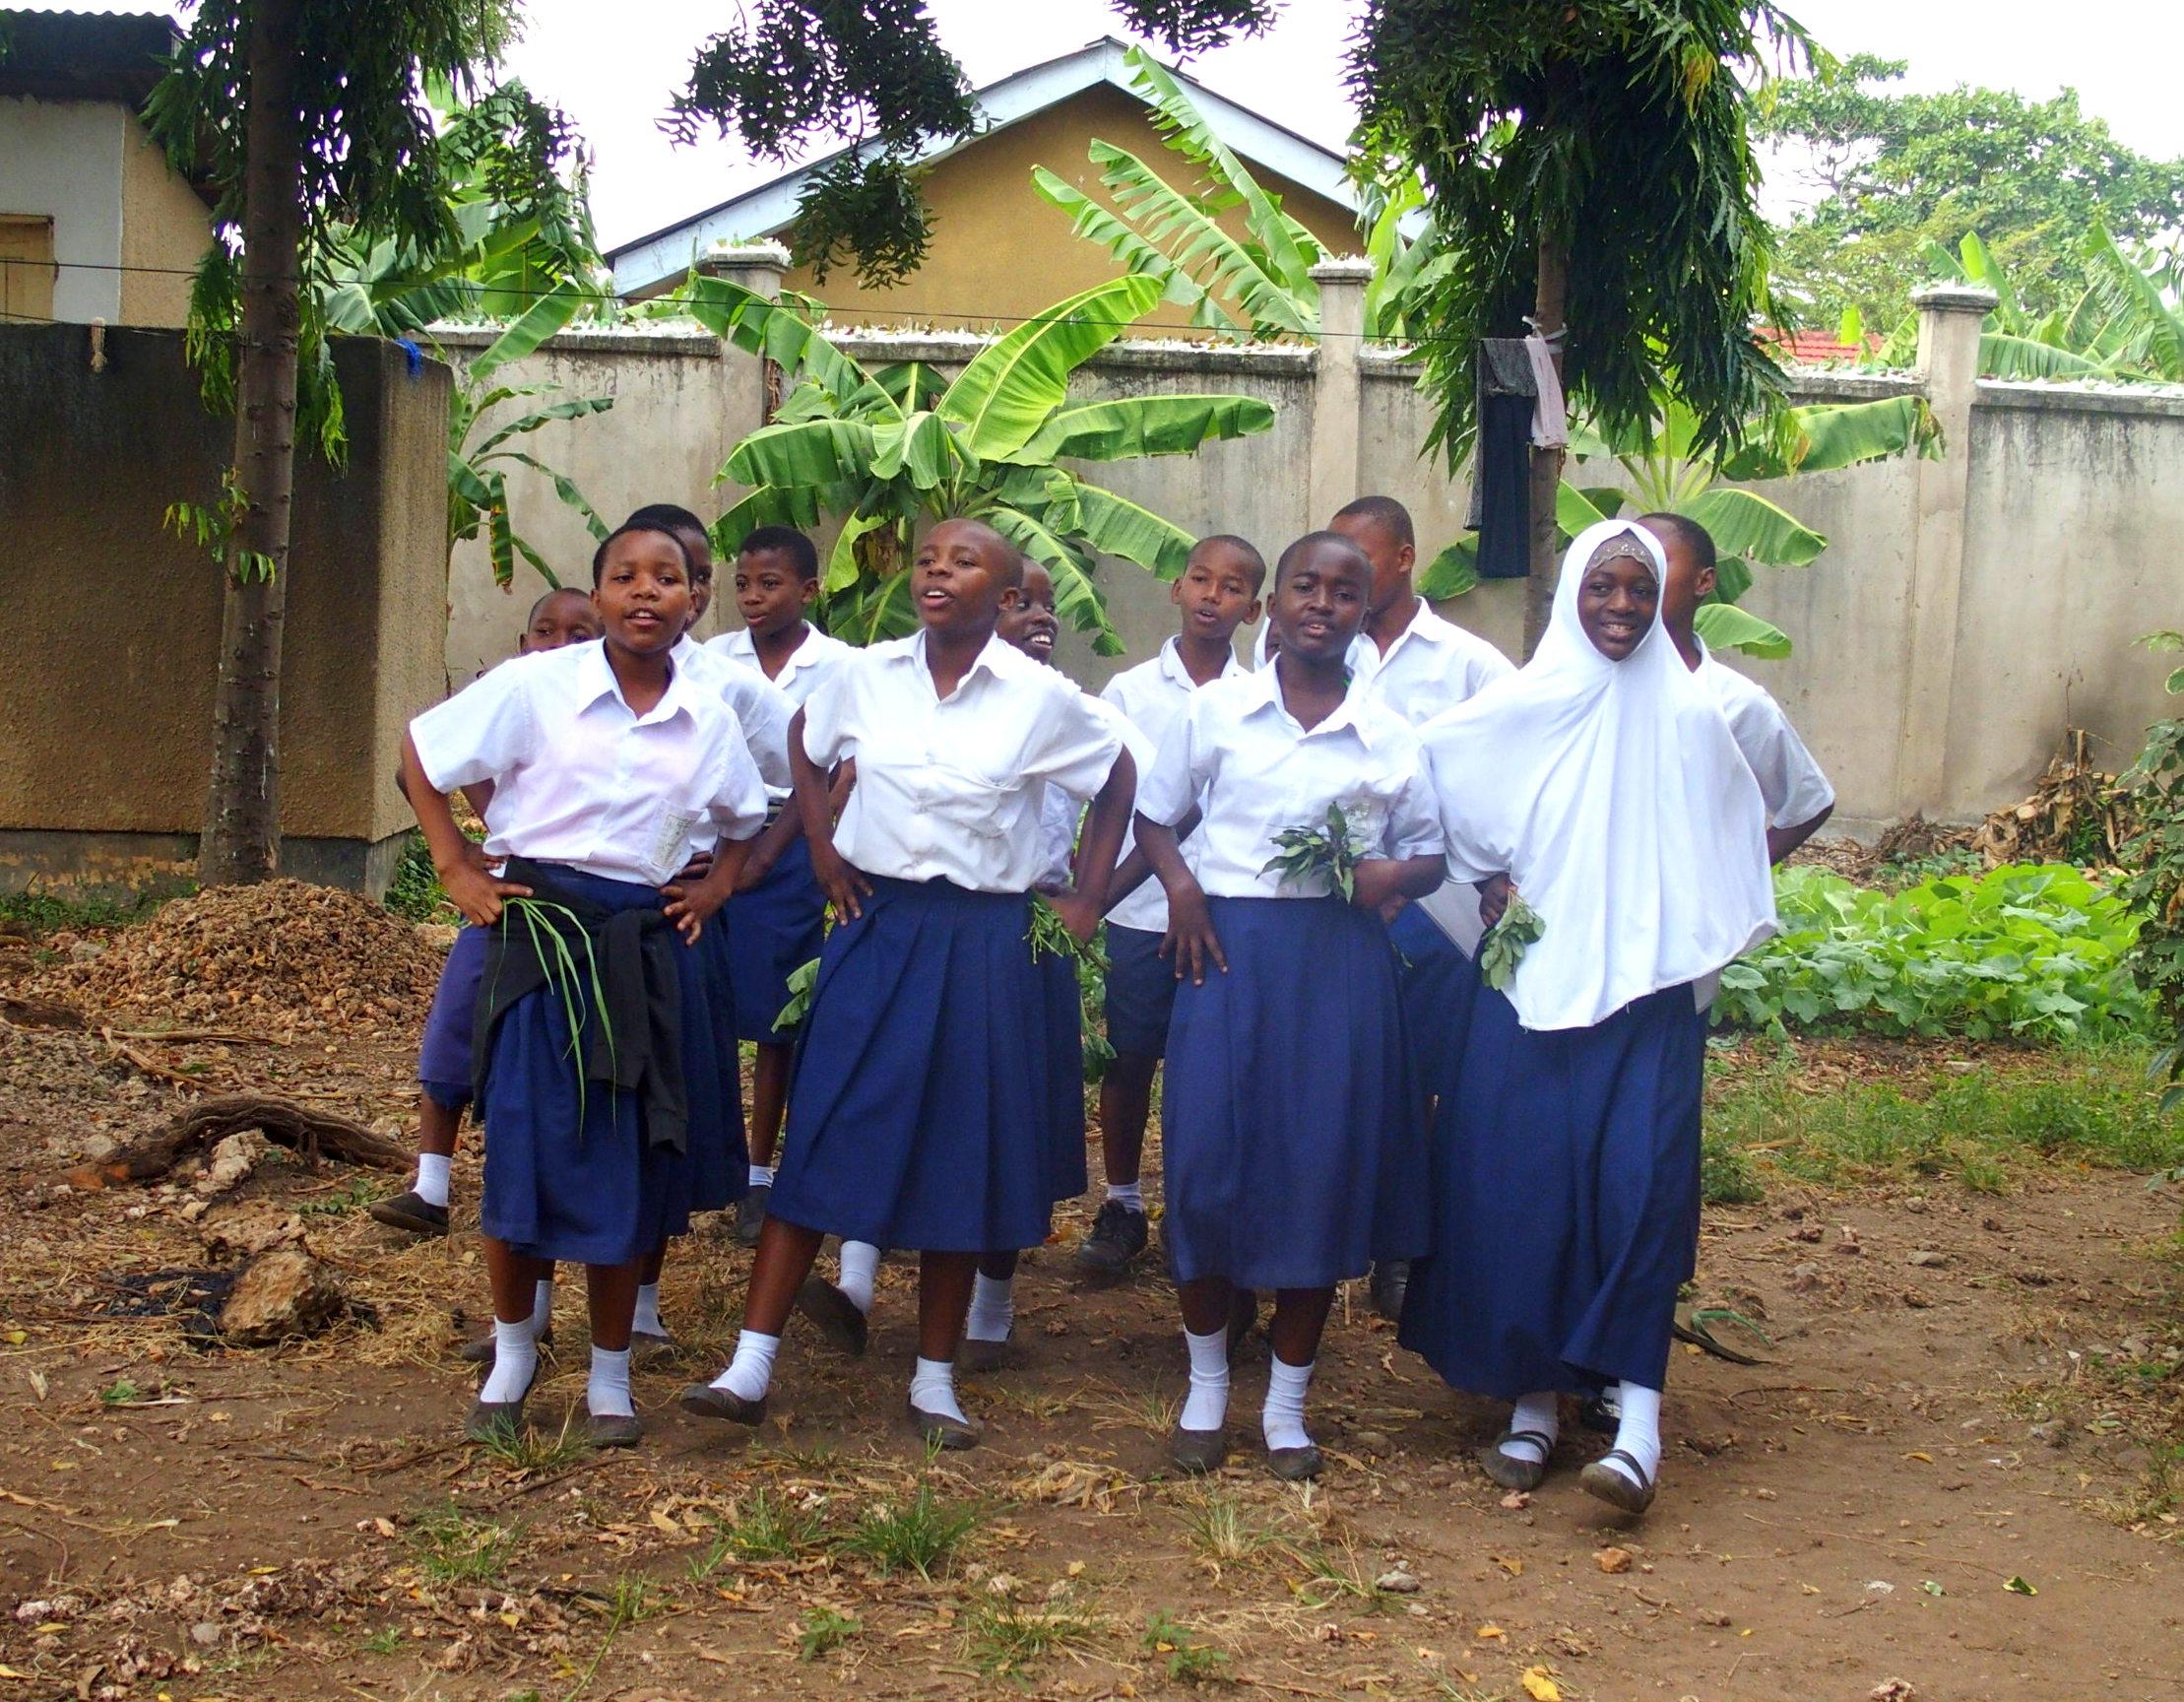 Danse d'accueil jeunes élèves Tanzanie